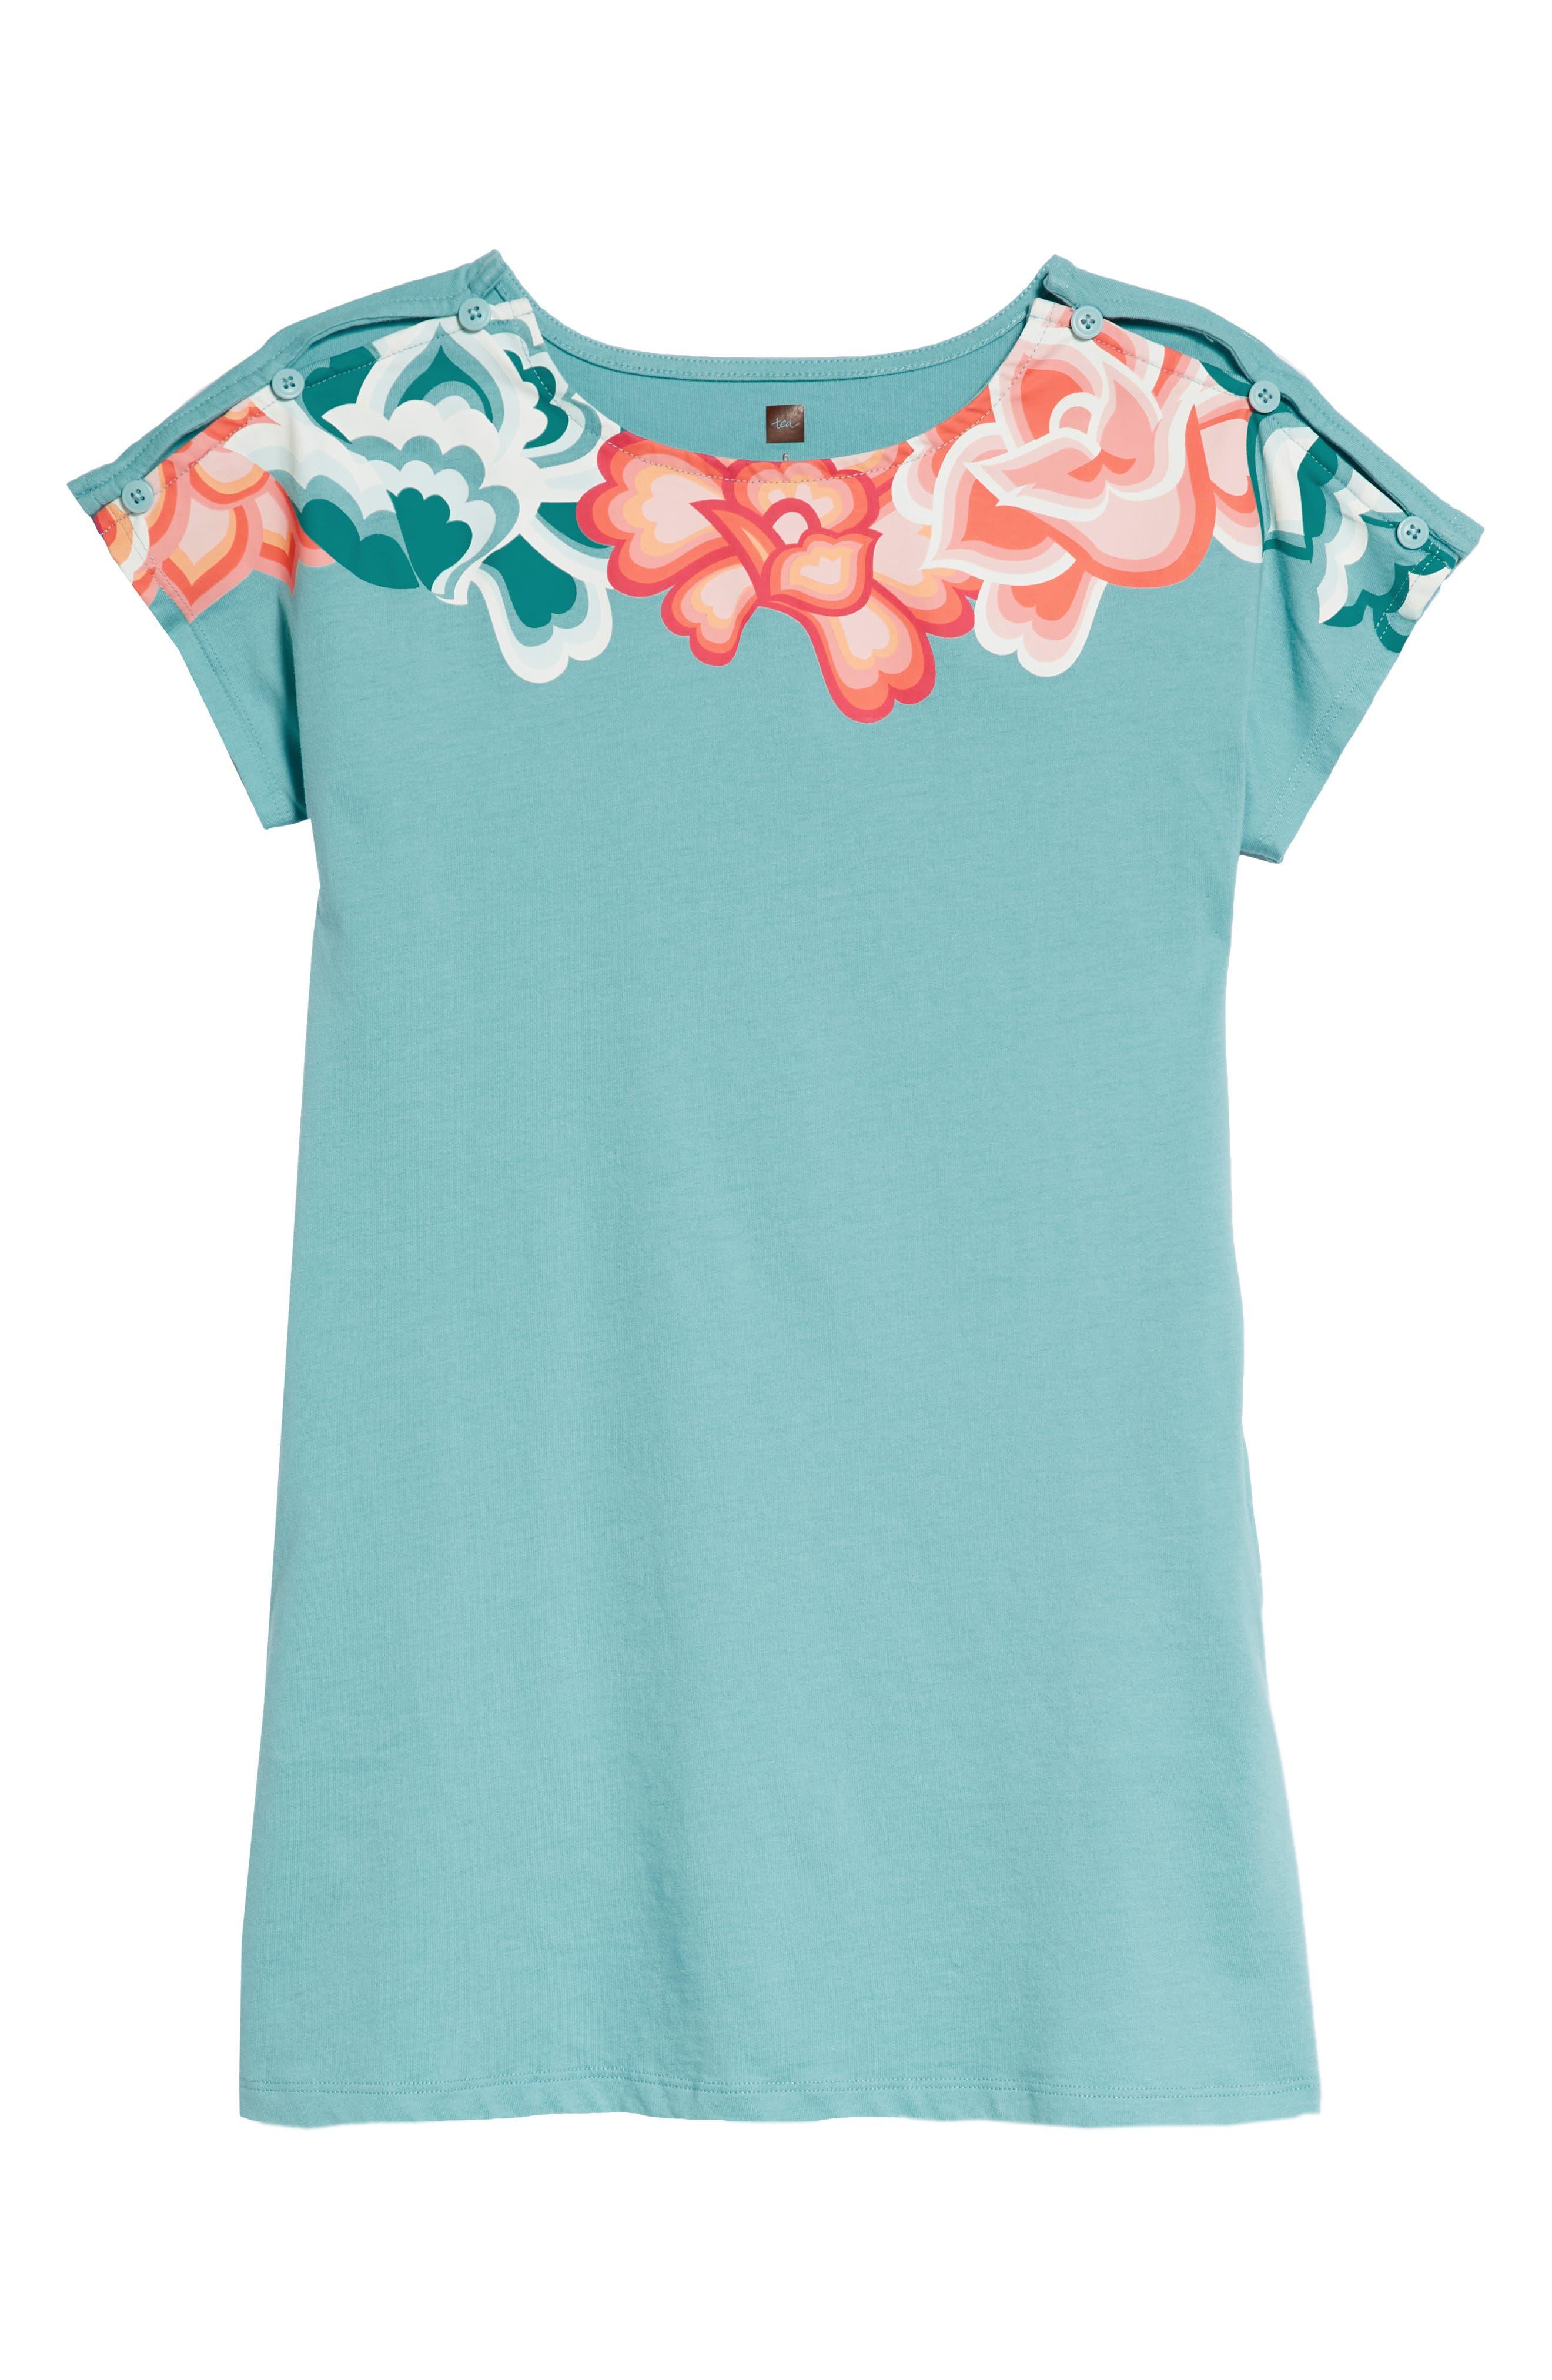 Main Image - Tea Collection Button Shoulder T-Shirt Dress (Toddler Girls, Little Girls & Big Girls)